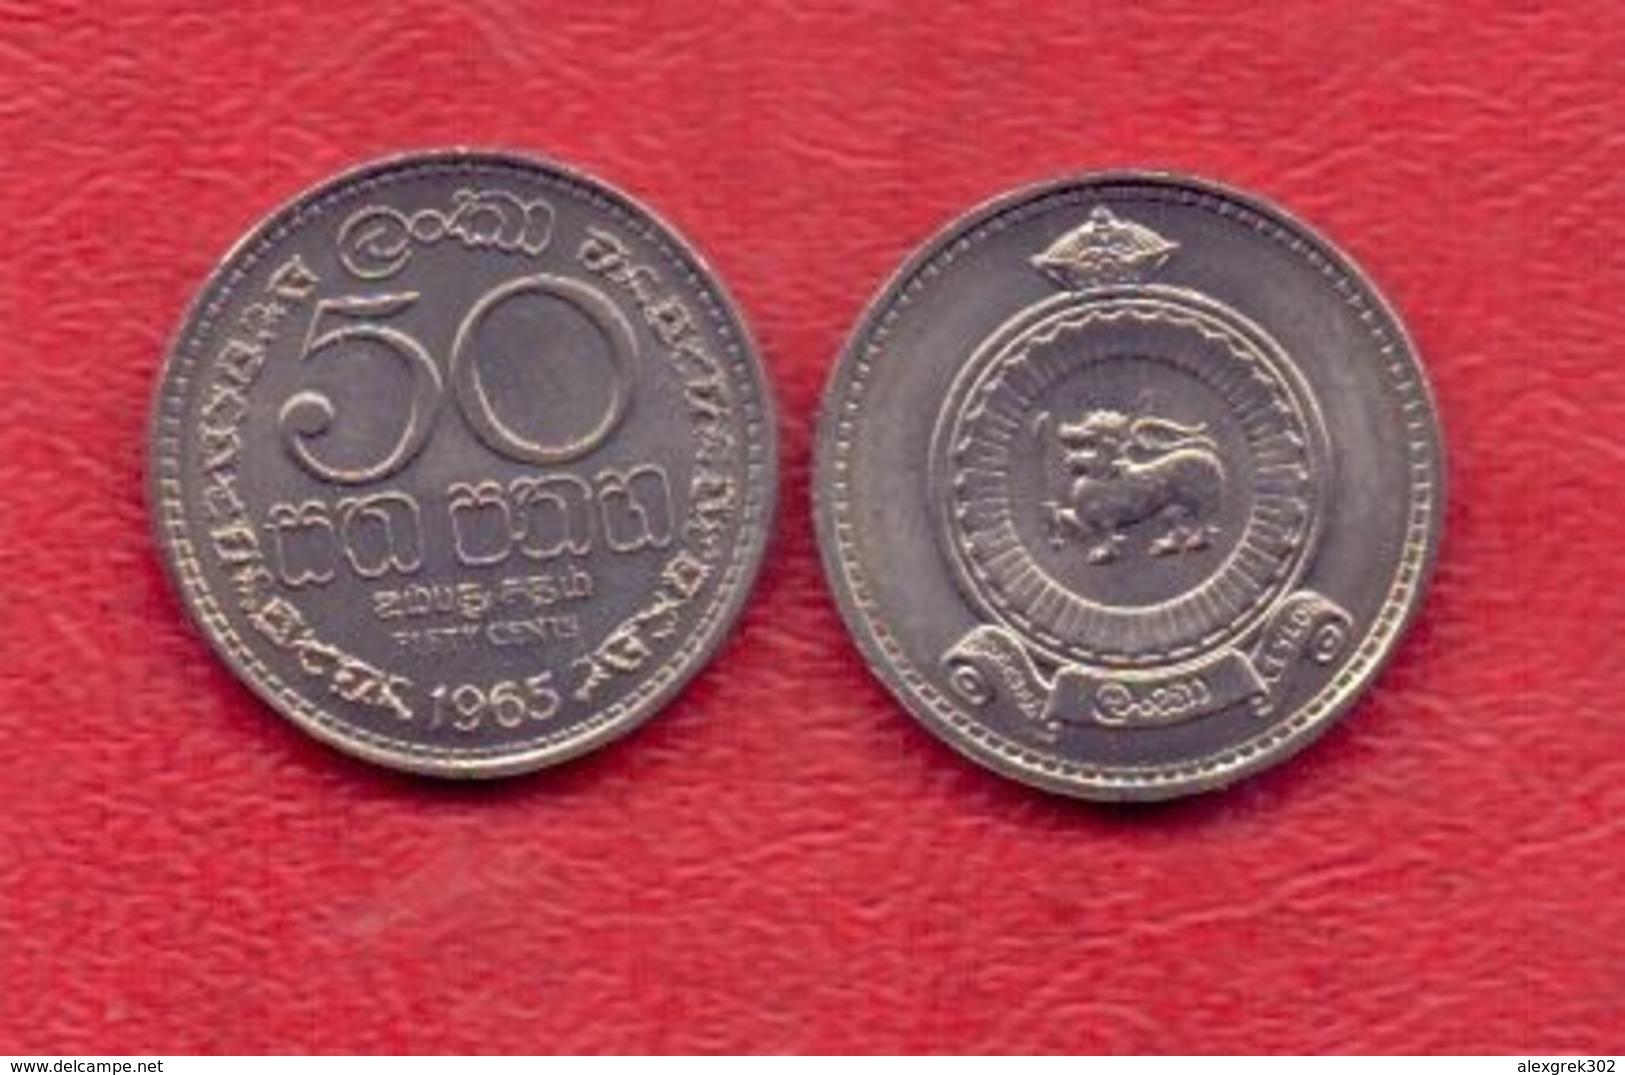 Ceylon, 50 Cents - 1965.UNC. - Sri Lanka